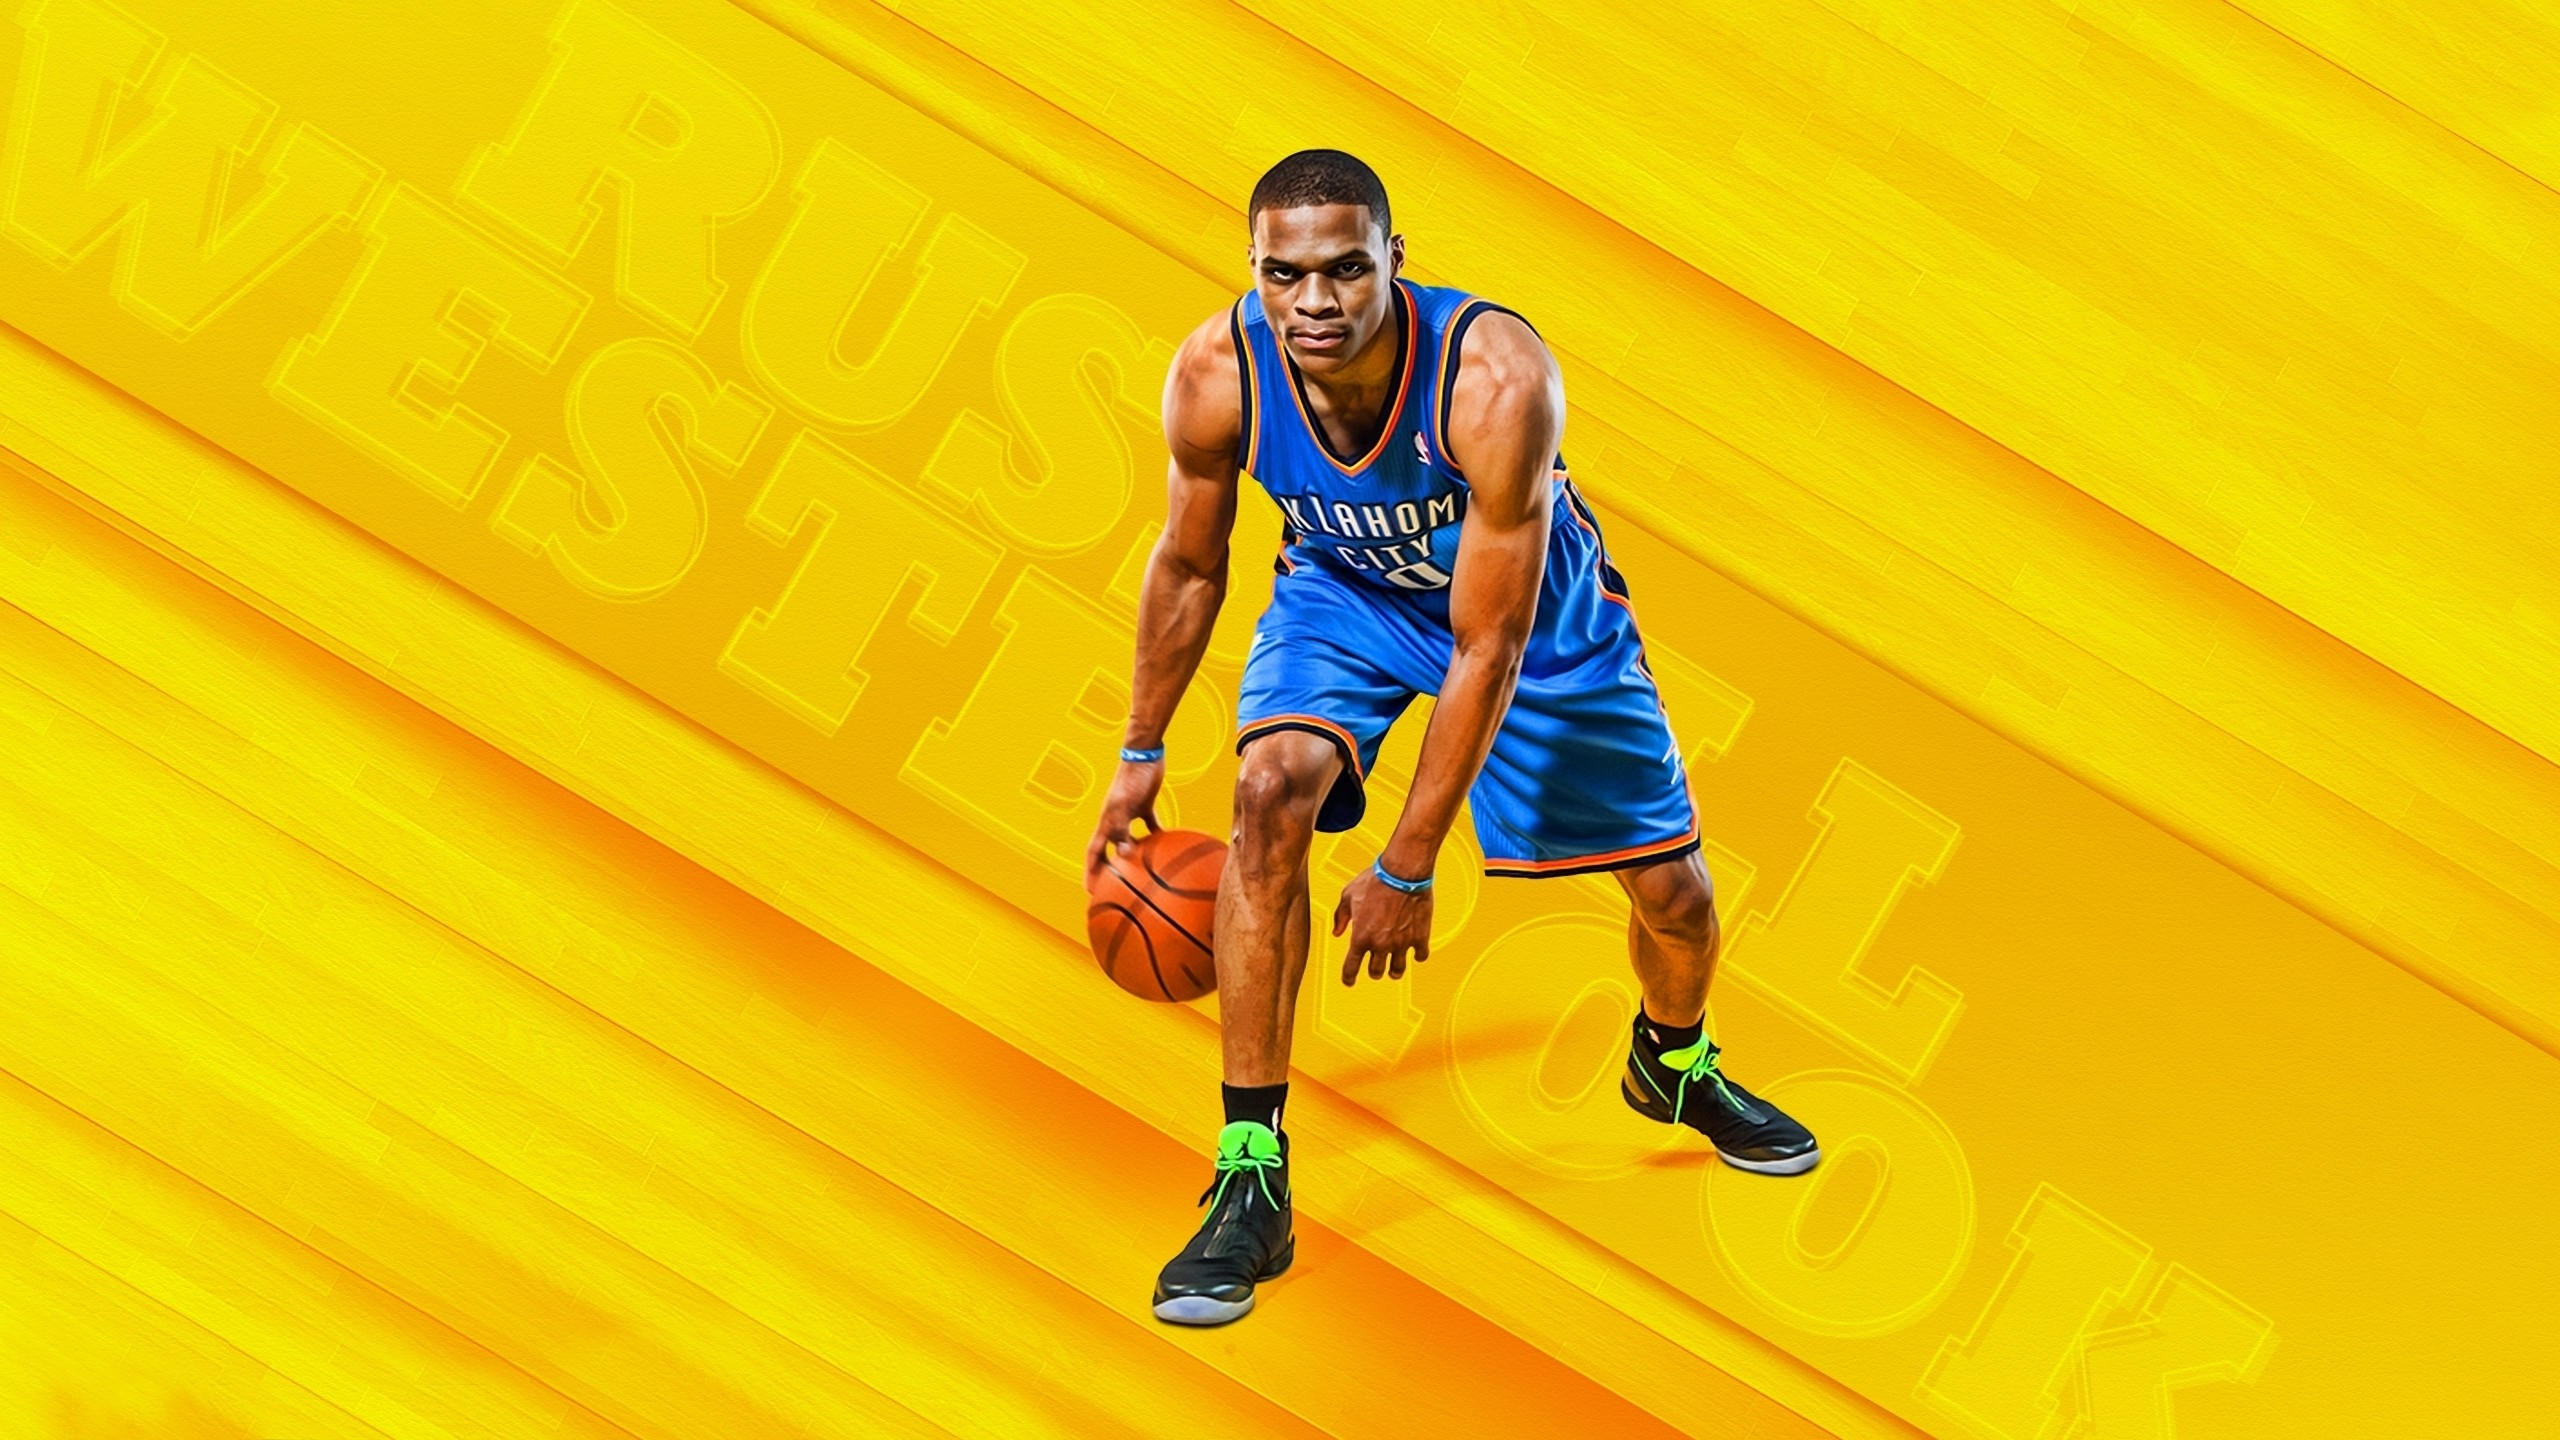 Russell Westbrook wallpaper,basketball player HD wallpaper .